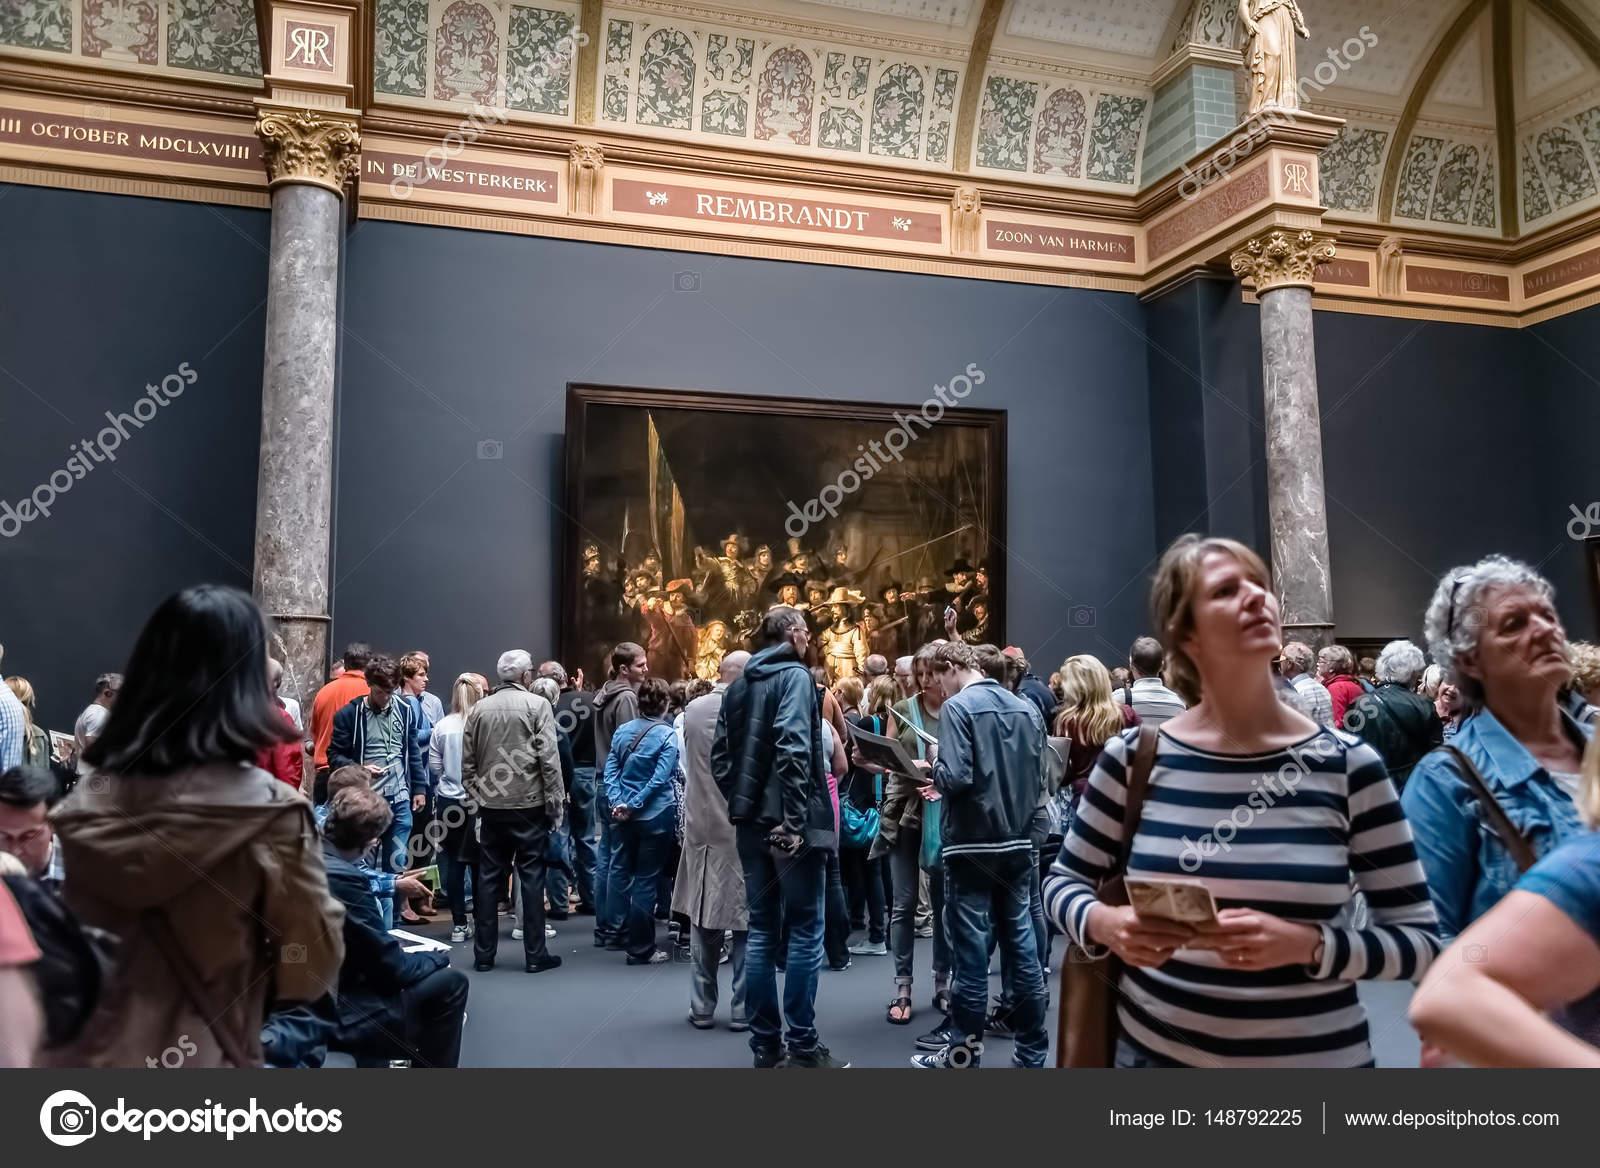 https://st3.depositphotos.com/4118055/14879/i/1600/depositphotos_148792225-stockafbeelding-interieur-van-het-rijksmuseum-in.jpg